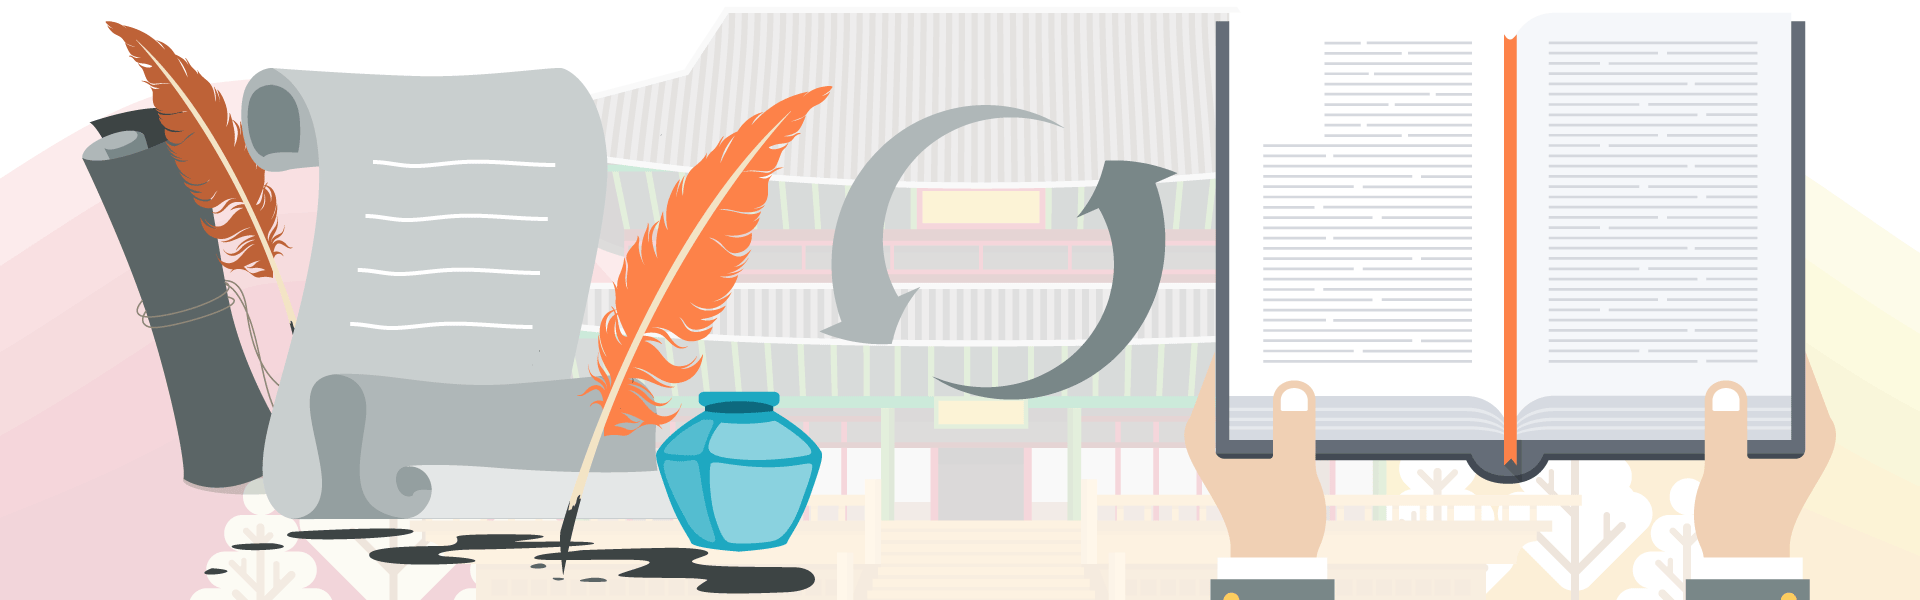 Korean translation for business or immigration